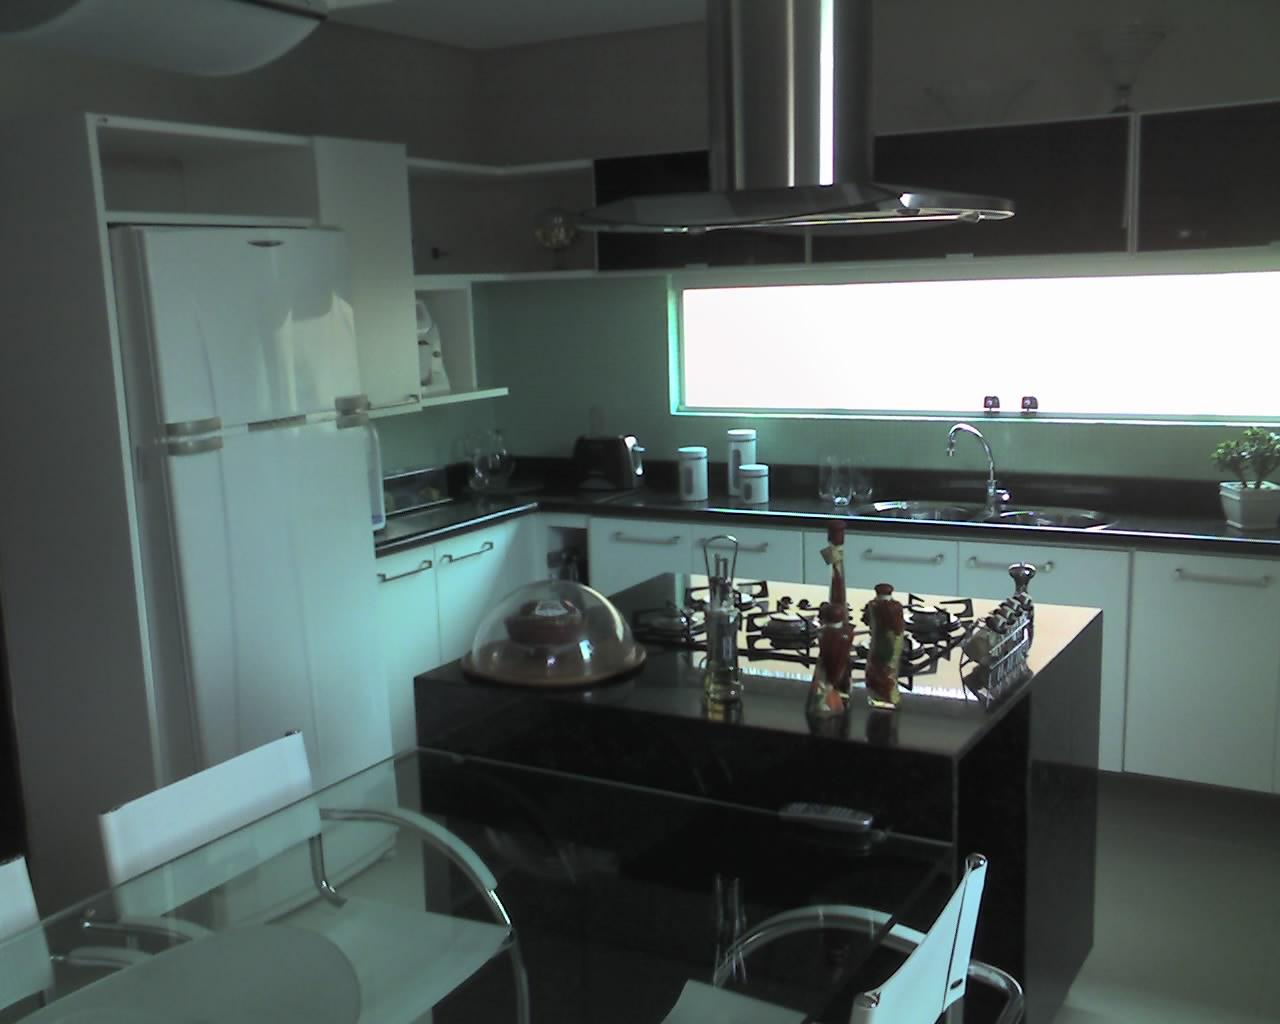 em ilha de granito preto que recebeu fogão de 5 bocas cooktop  #468285 1280 1024